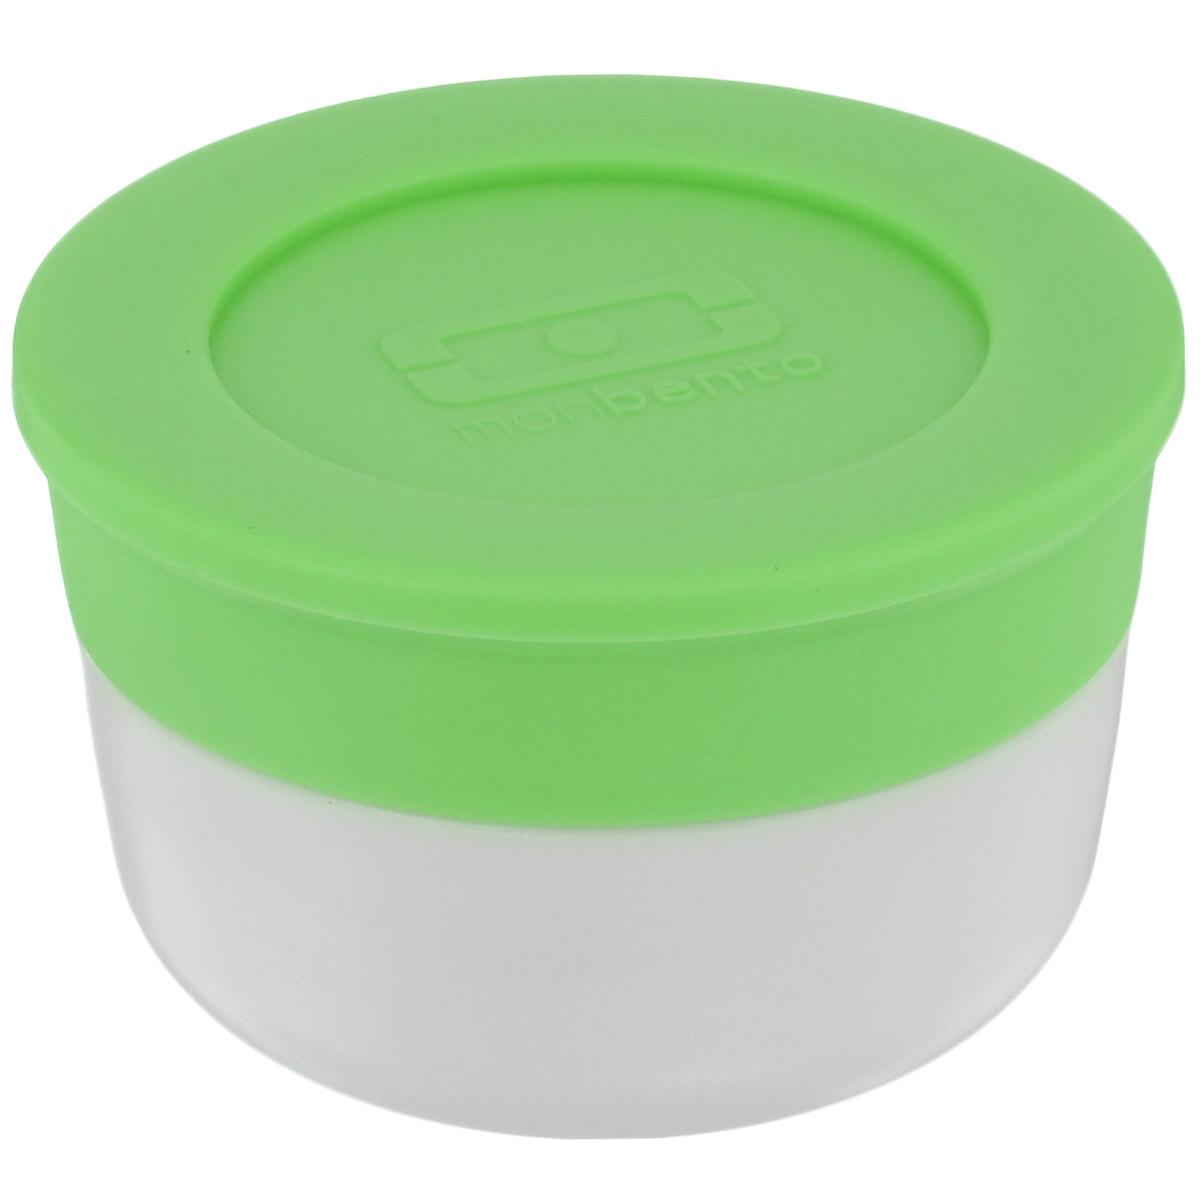 Соусница Monbento Monbento Temple, с крышкой, цвет: белый, зеленый, диаметр 5 см, 28 млFS-91909Соусница с крышкой Monbento MB Temple - удобное дополнение к ланч-боксу, которое позволит заправить соусом салат или гарнир прямо перед едой. Соусница изготовлена из полипропилена и имеет герметичную плотно закручивающуюся силиконовую крышечку. Идеально помещается в ланч-бокс от Monbento, занимая минимум места.Можно мыть в посудомоечной машине, а также хранить в морозильной камере.Диаметр соусницы: 5 см.Объем соусницы: 28 мл.Высота соусницы (с учетом крышки): 3,2 см.Диаметр по верхнему краю: 4,2 см.